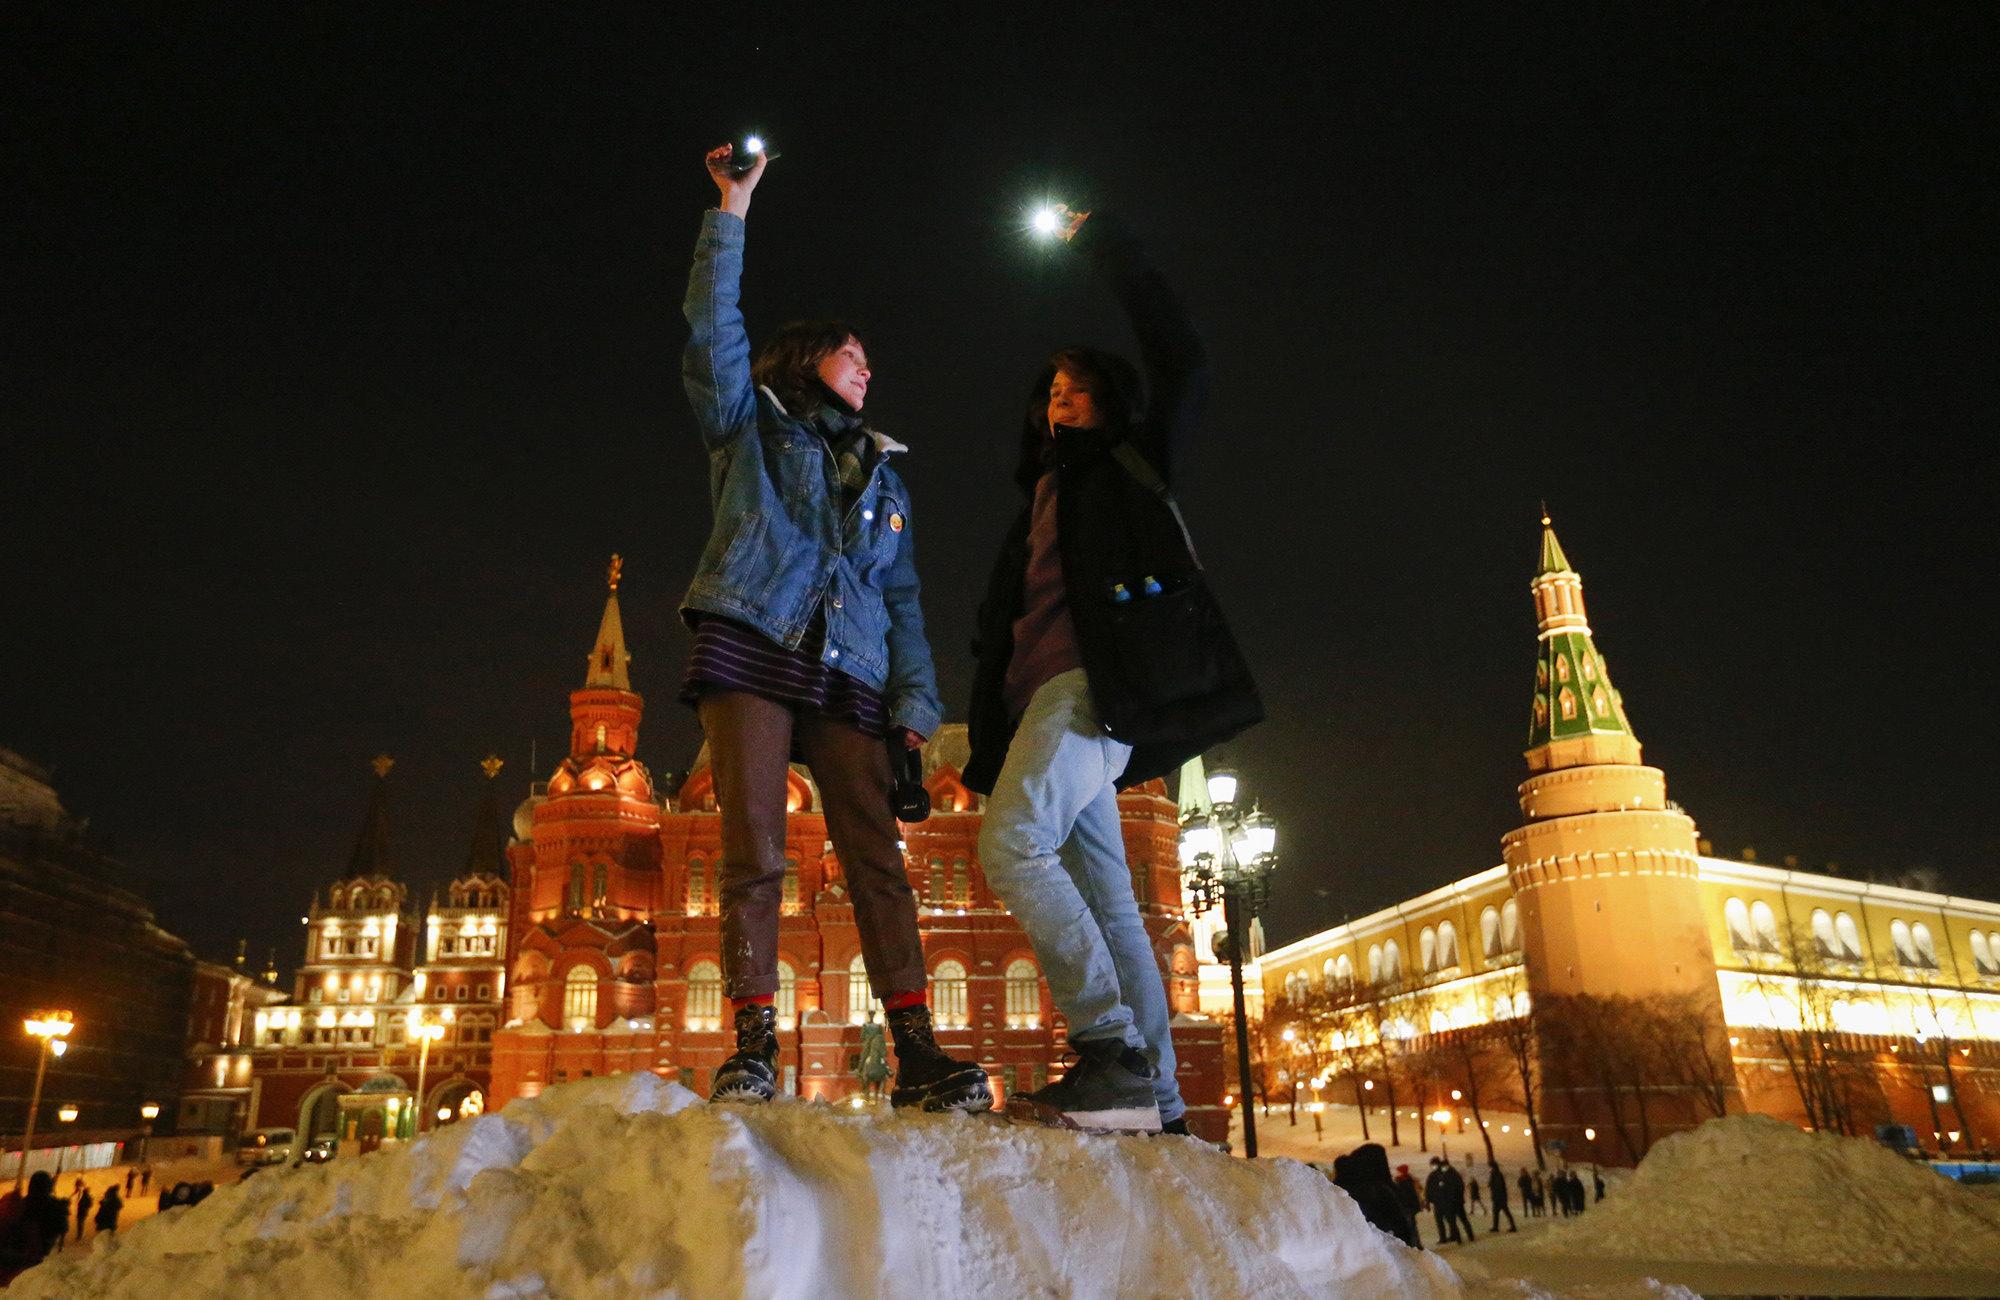 акция сфонариками навальный